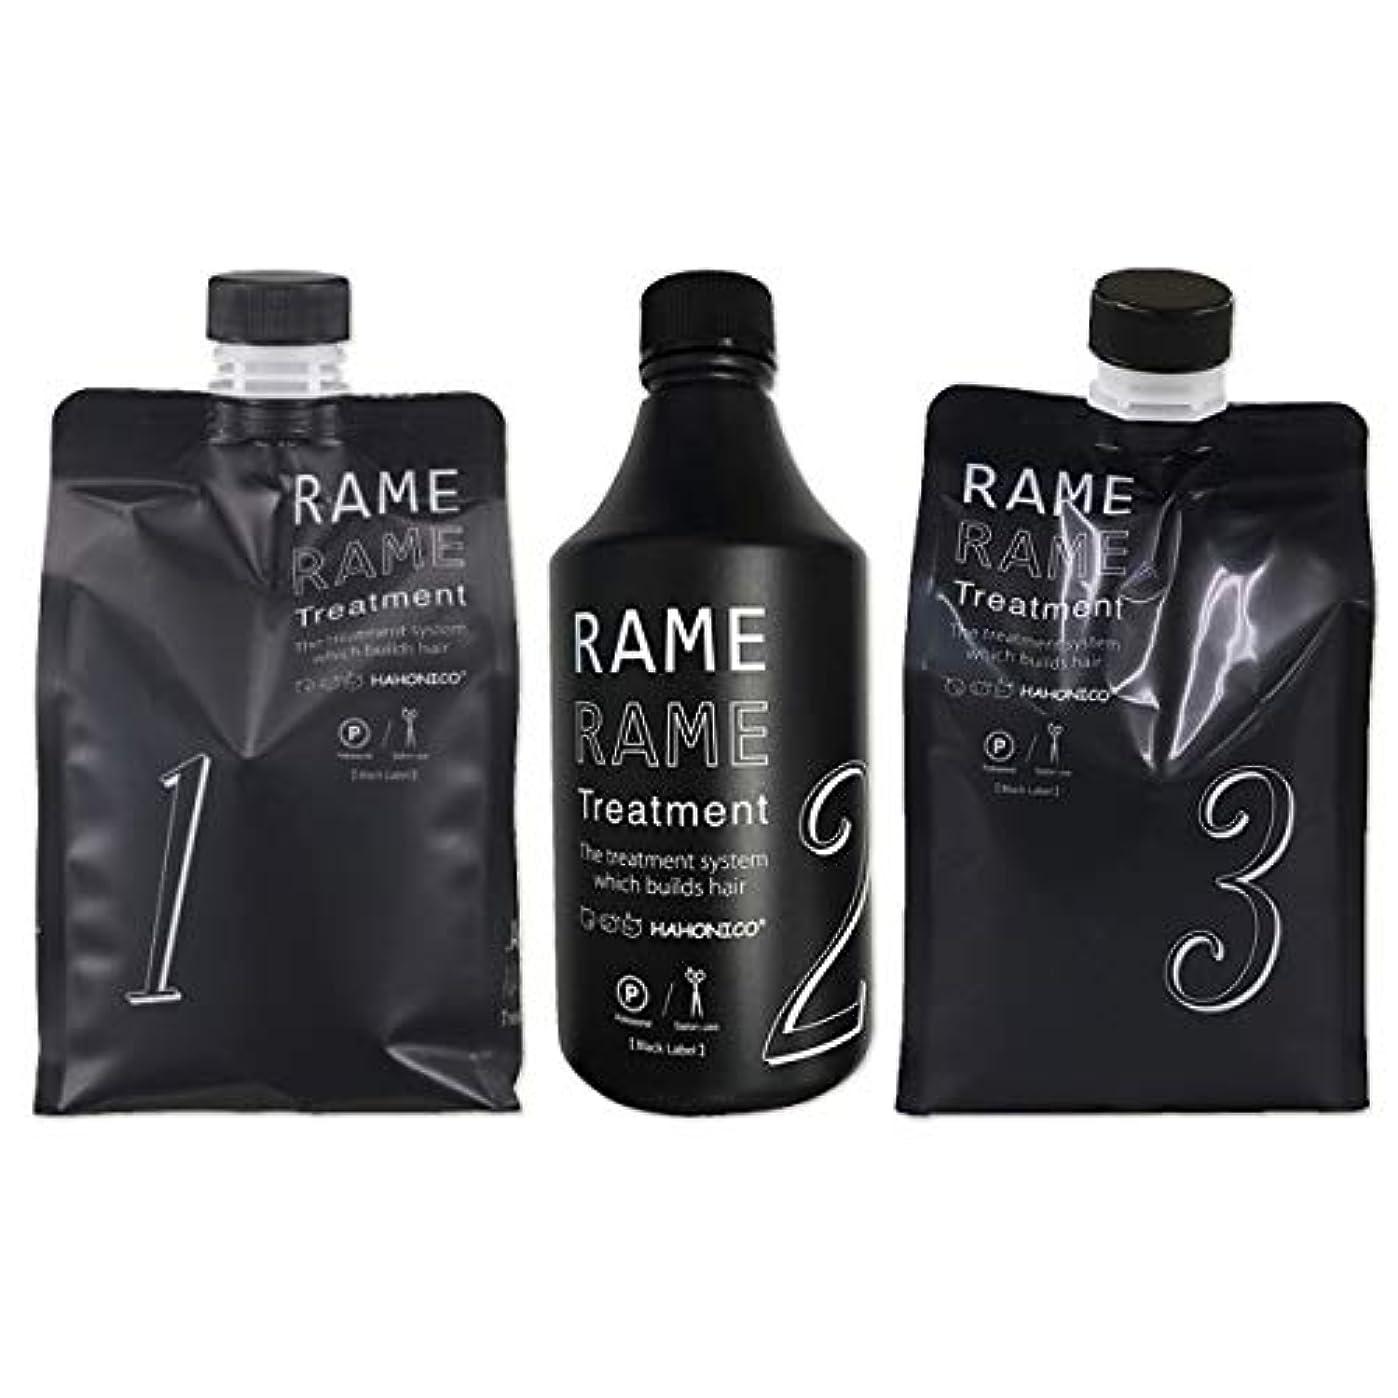 作者セットする魅了するハホニコ ザラメラメ ブラックレーベル No.1 1000g + No.2 ガンマー 500mL + No3. 1000g セット